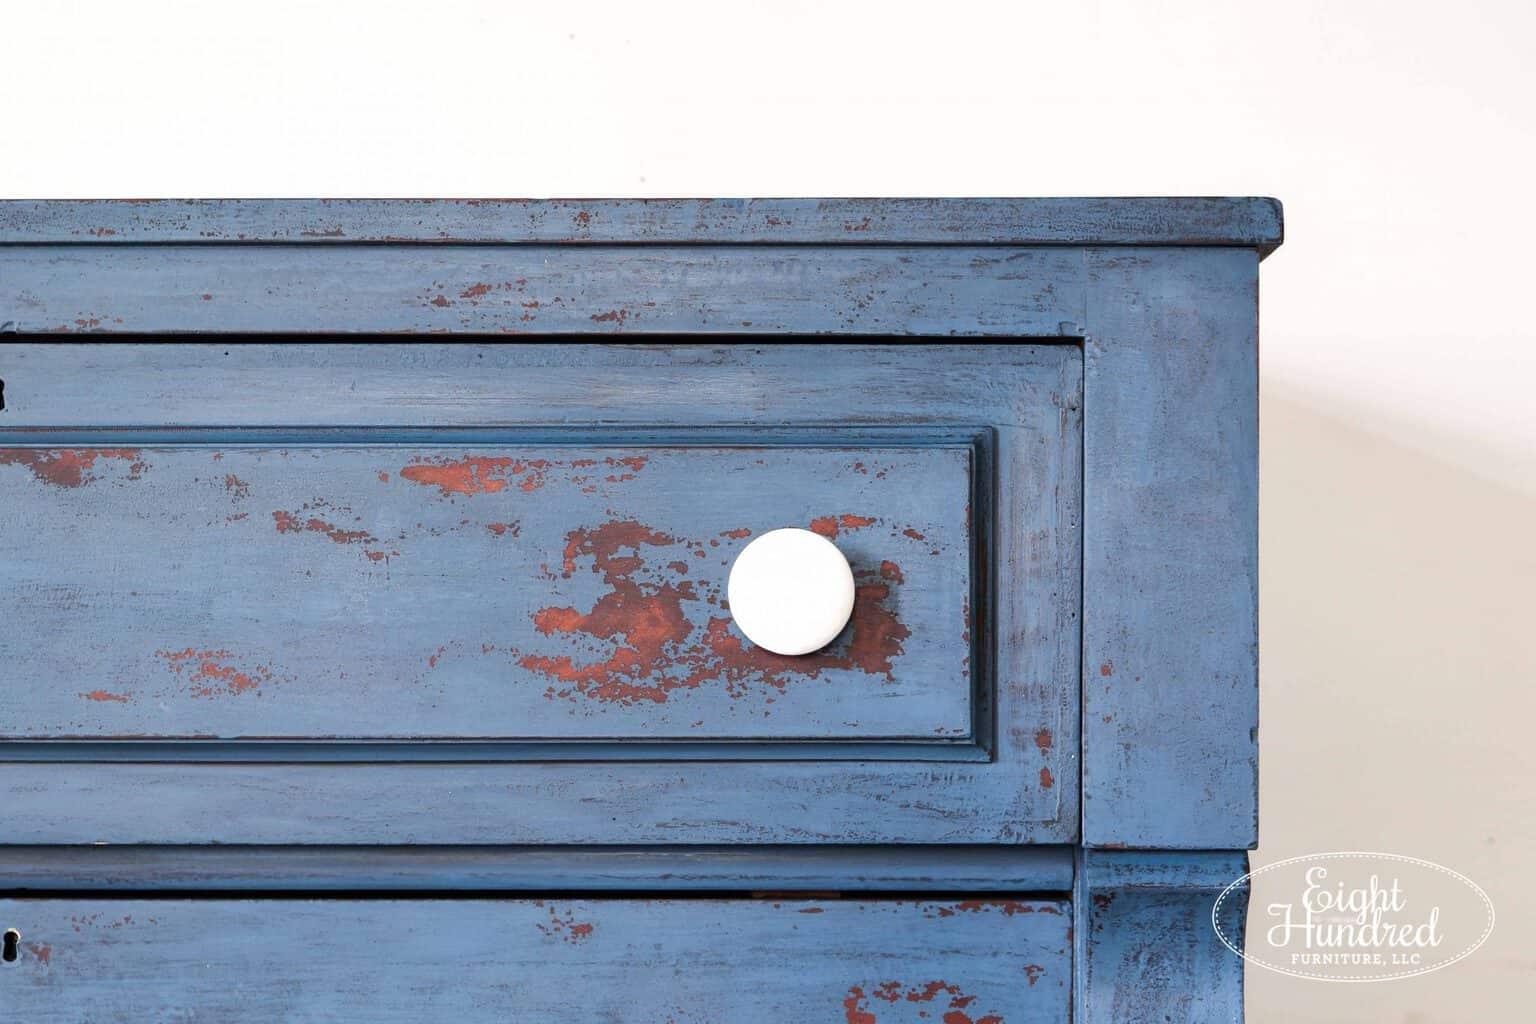 porcelain knob, empire dresser, miss mustard seeds milk paint, flow blue, artissimo, antiquing wax, hemp oil